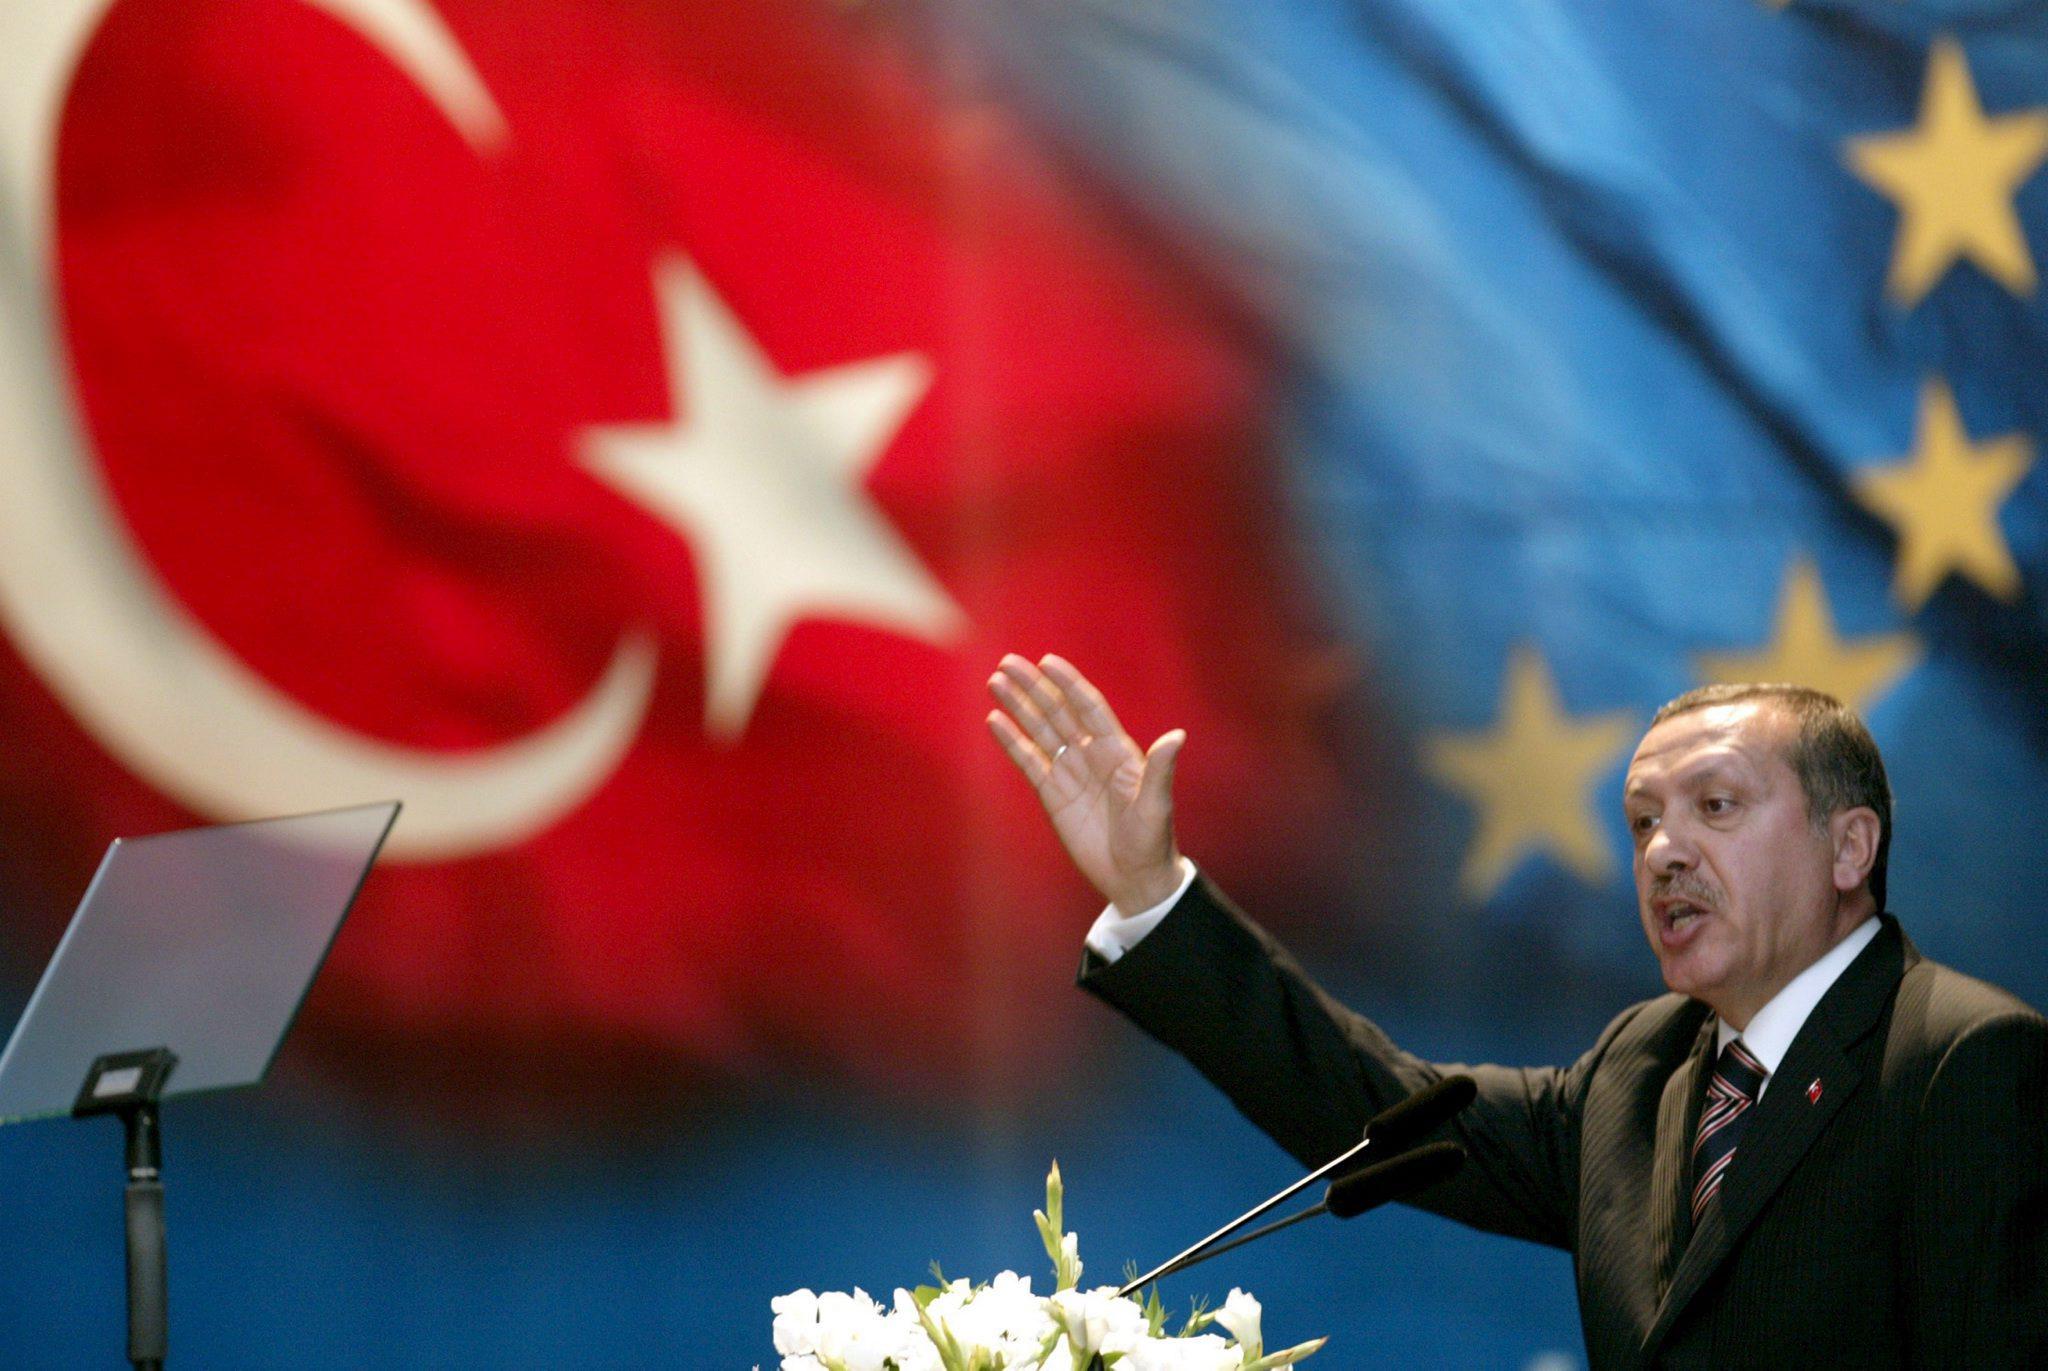 Europese alliantie met Turkije om grenzen te sluiten. Vluchtelingencrisis en EU-crisis gaan door